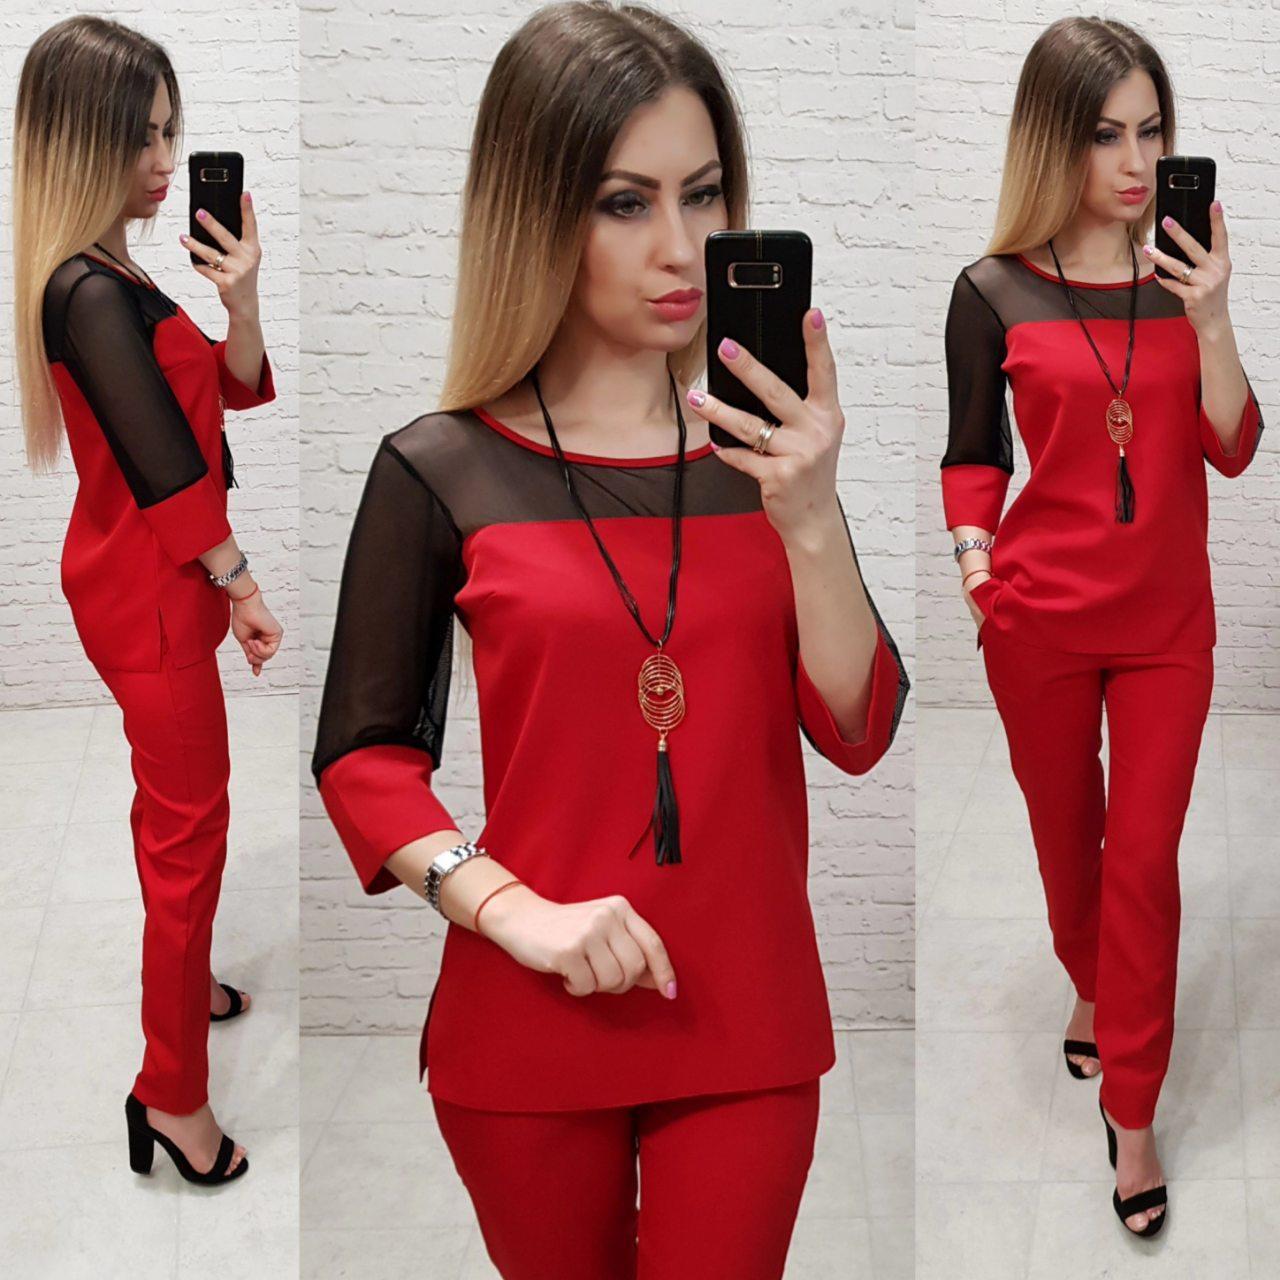 Костюм женский, креп+сетка, модель 153, цвет - красный